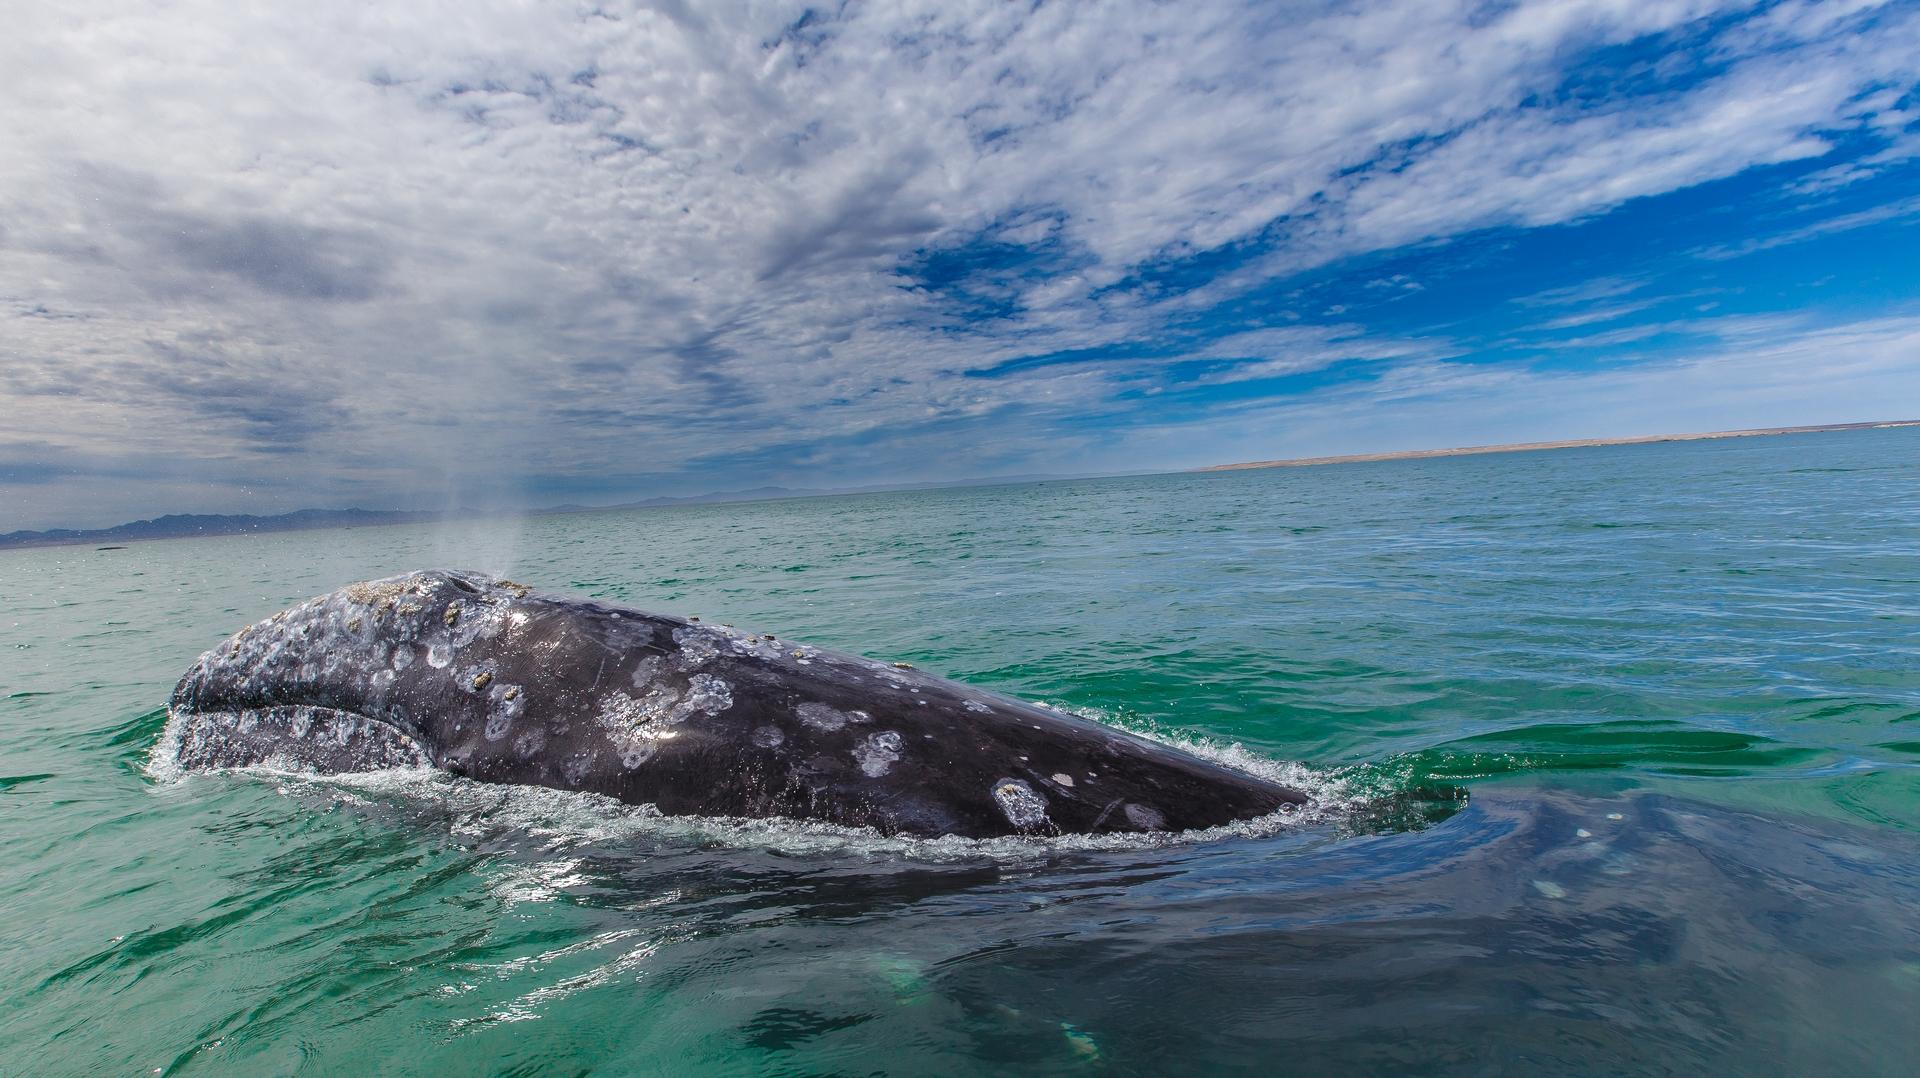 研究證實,船舶噪音與鯨魚的長期壓力有關。照片來源:Gilad Rom(CC BY-NC 2.0)